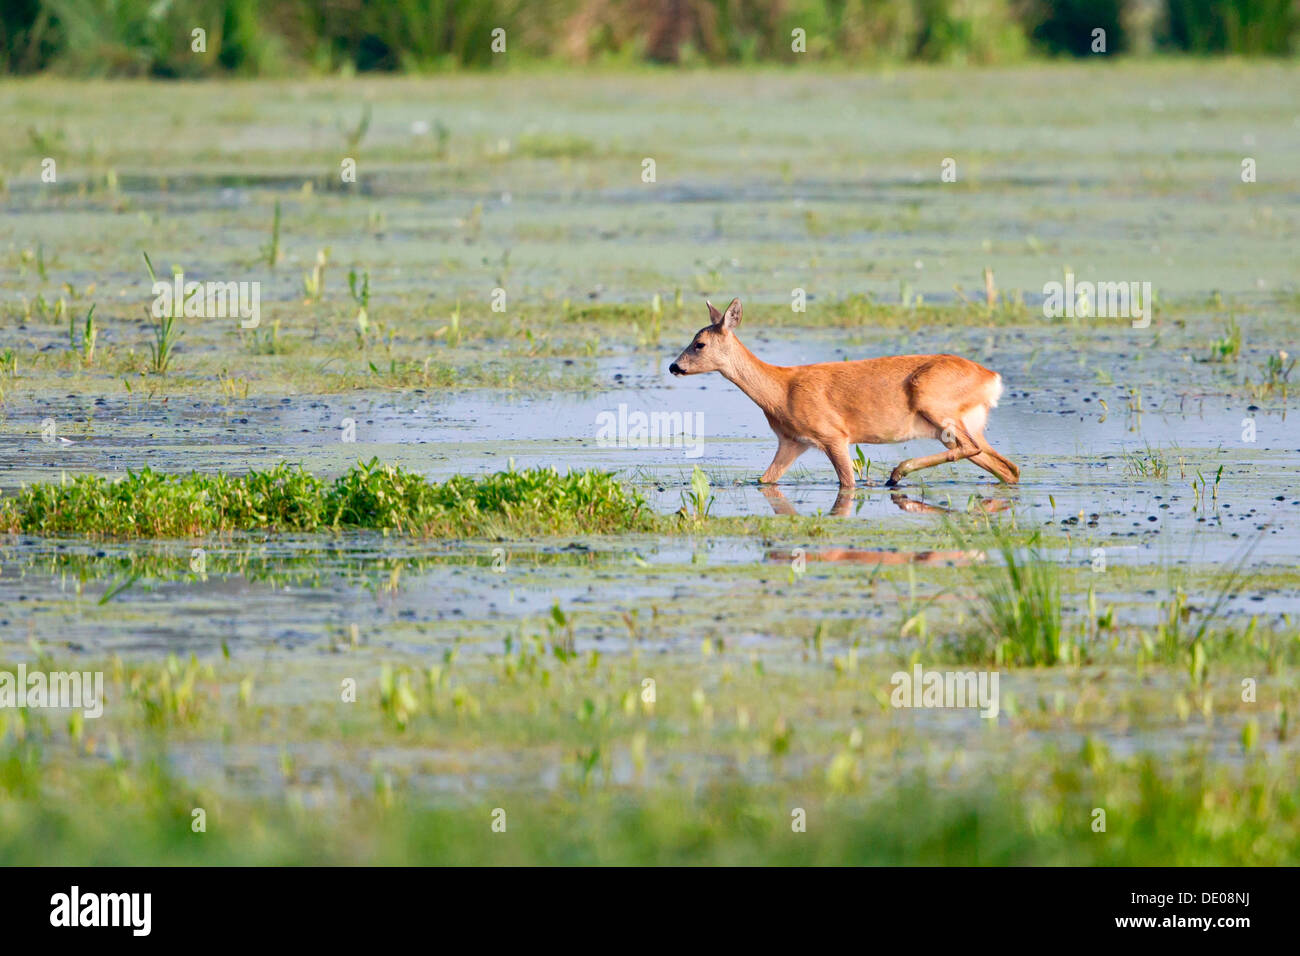 Roe deer (Capreolus capreolus), doe, in search of food in wetlands - Stock Image